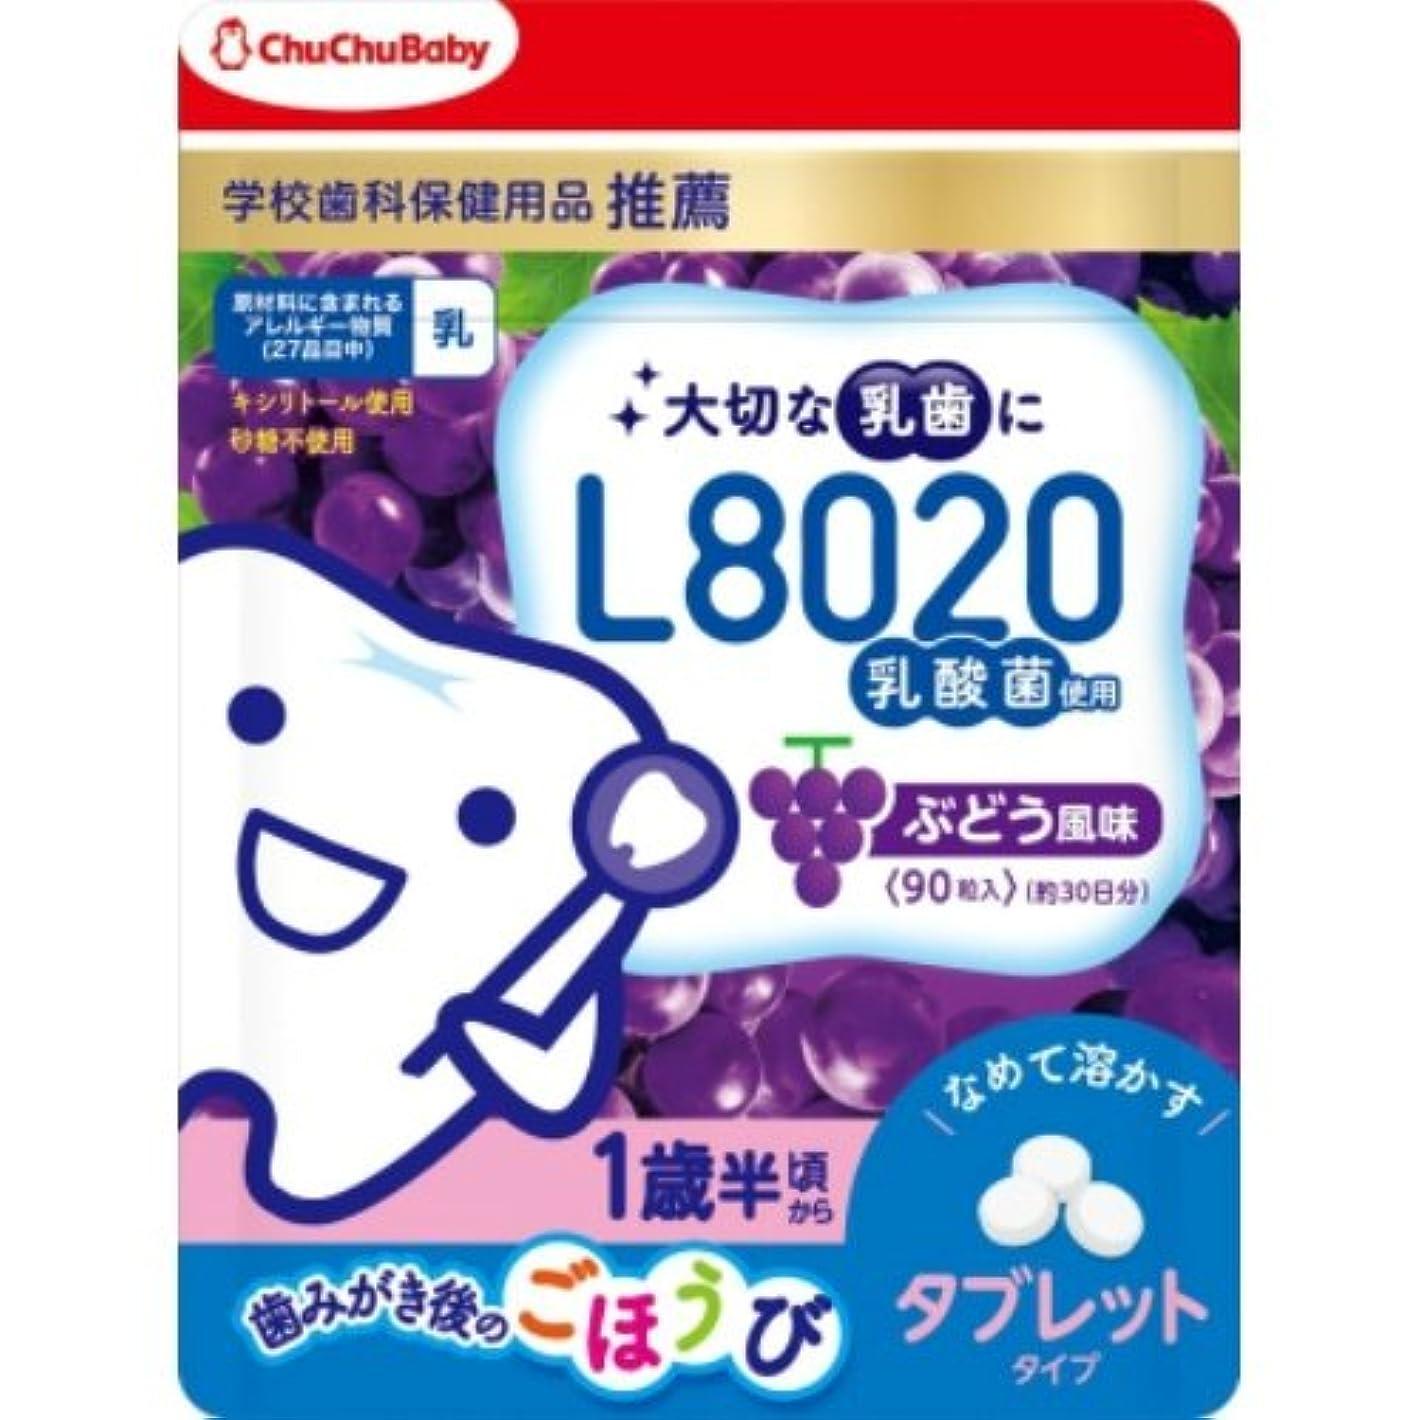 解く保証ワーカーL8020乳酸菌チュチュベビータブレットぶどう風味 × 5個セット